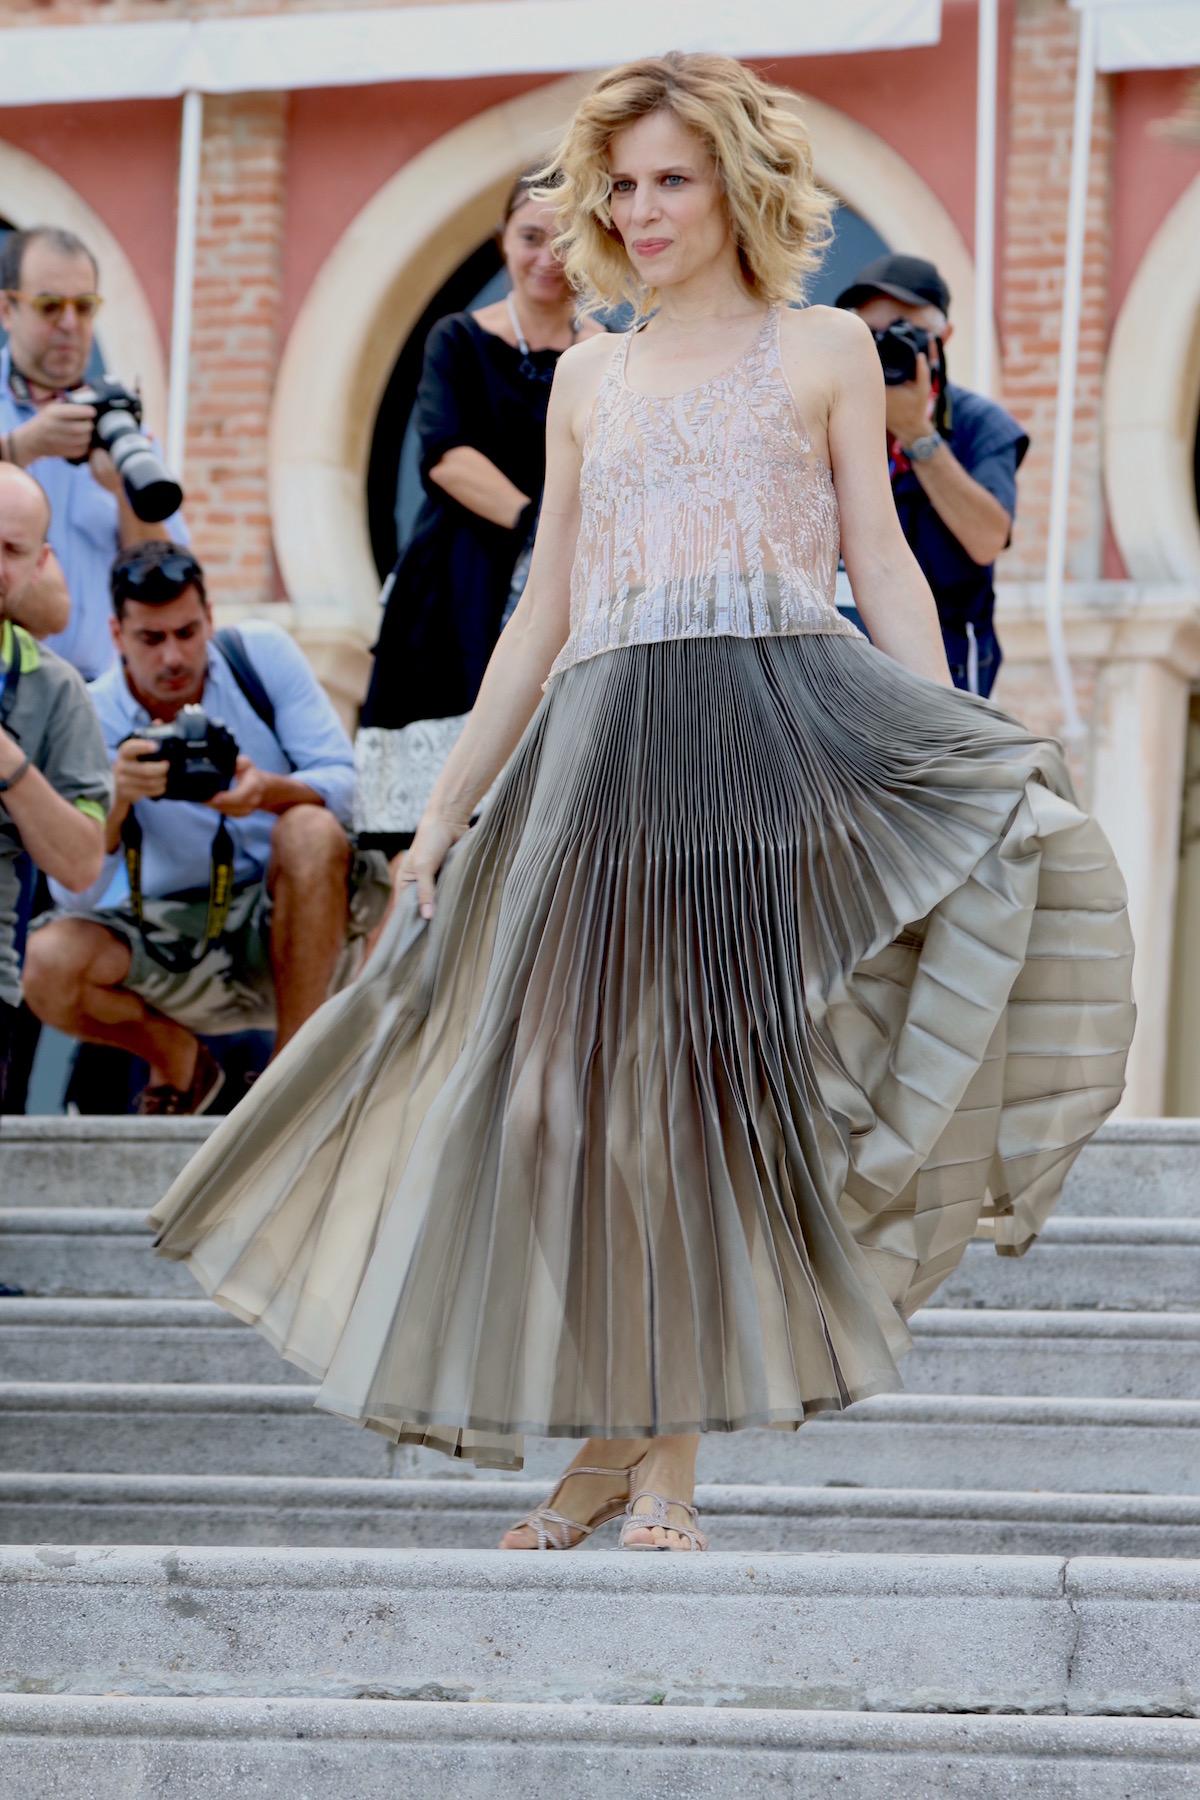 Venezia 2016: la madrina Sonia Bergamasco in uno scatto mentre scende le scale dell'Excelsior